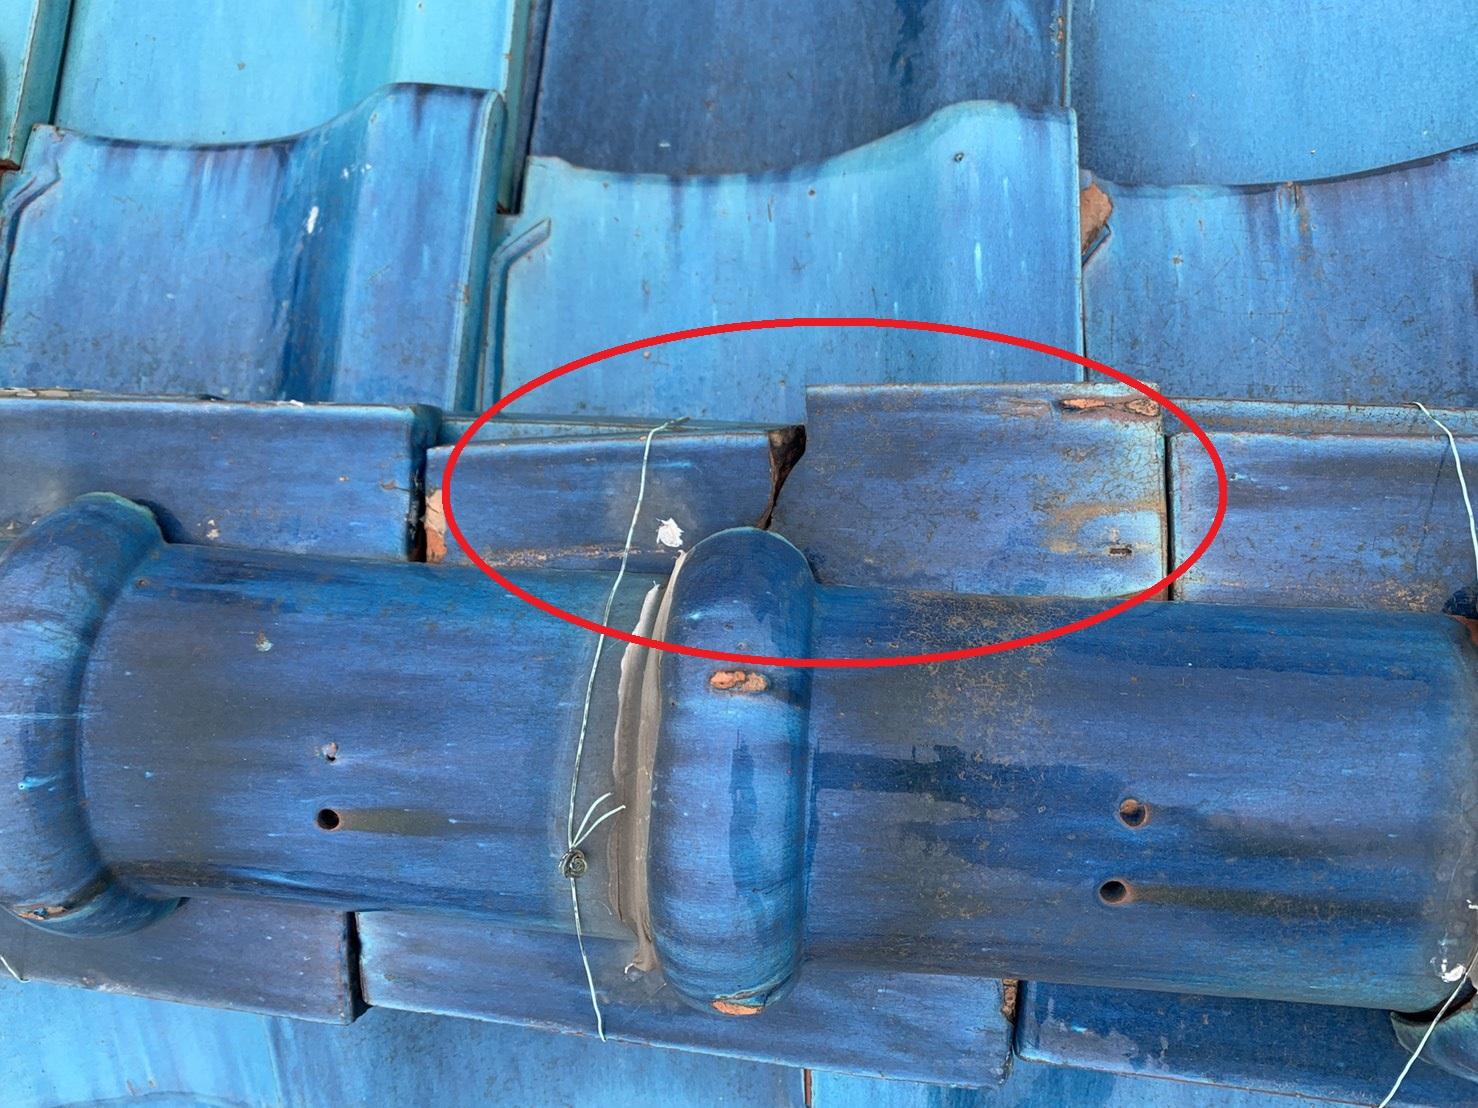 明石市の収益物件で瓦屋根が割れている様子